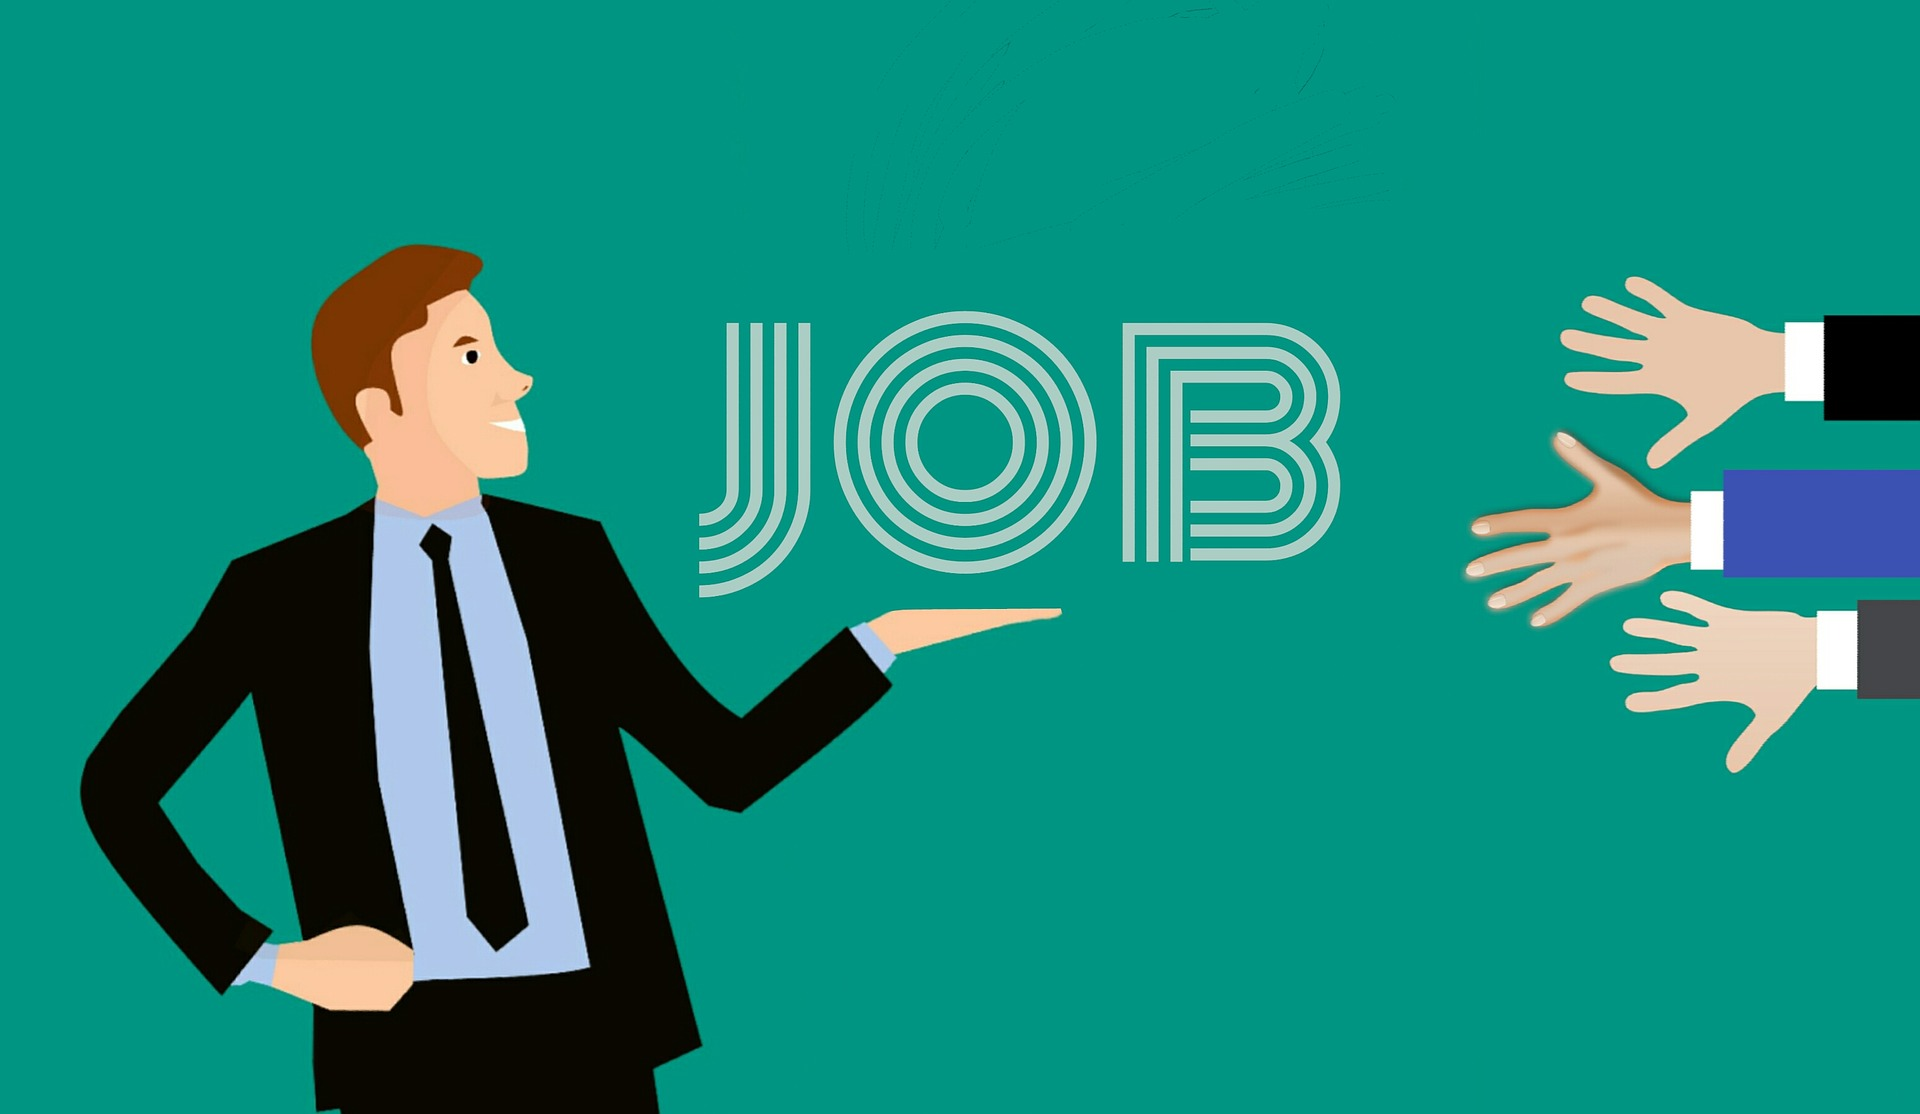 recruitment-3942378_1920